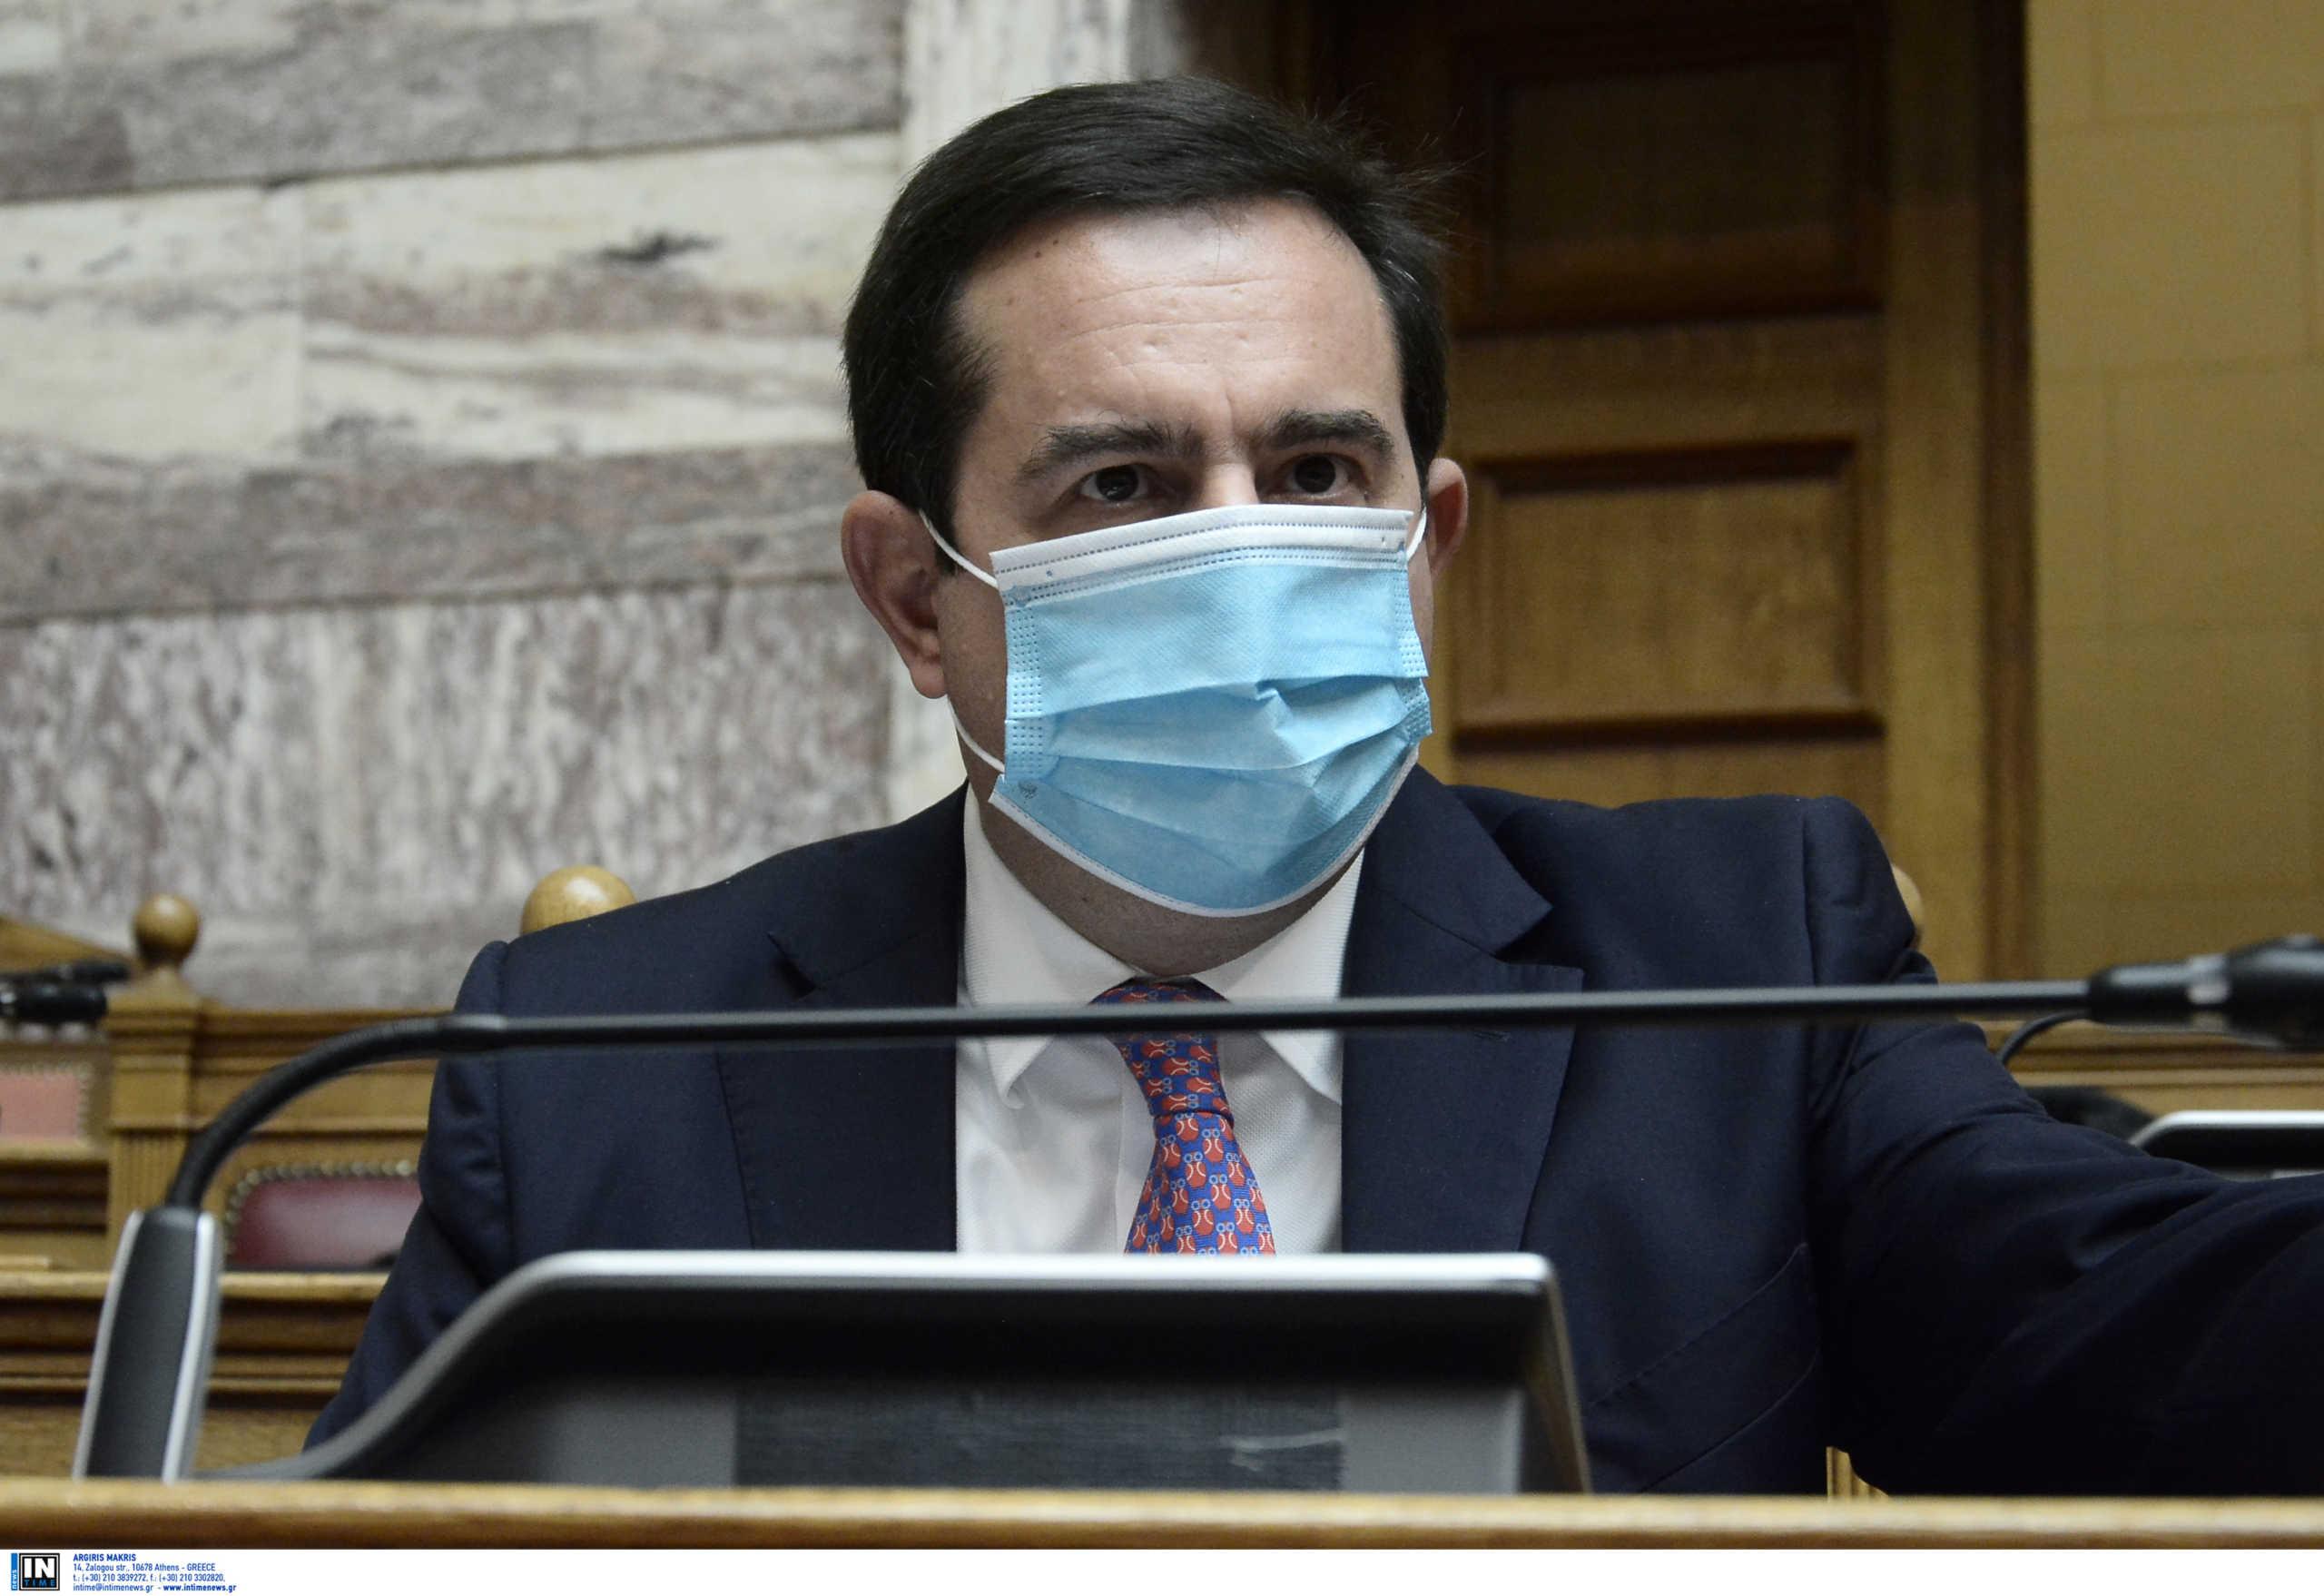 Μηταράκης: Αρχές Μαΐου ξεκινάει ο εμβολιασμός στις δομές φιλοξενίας από τον ΕΟΔΥ